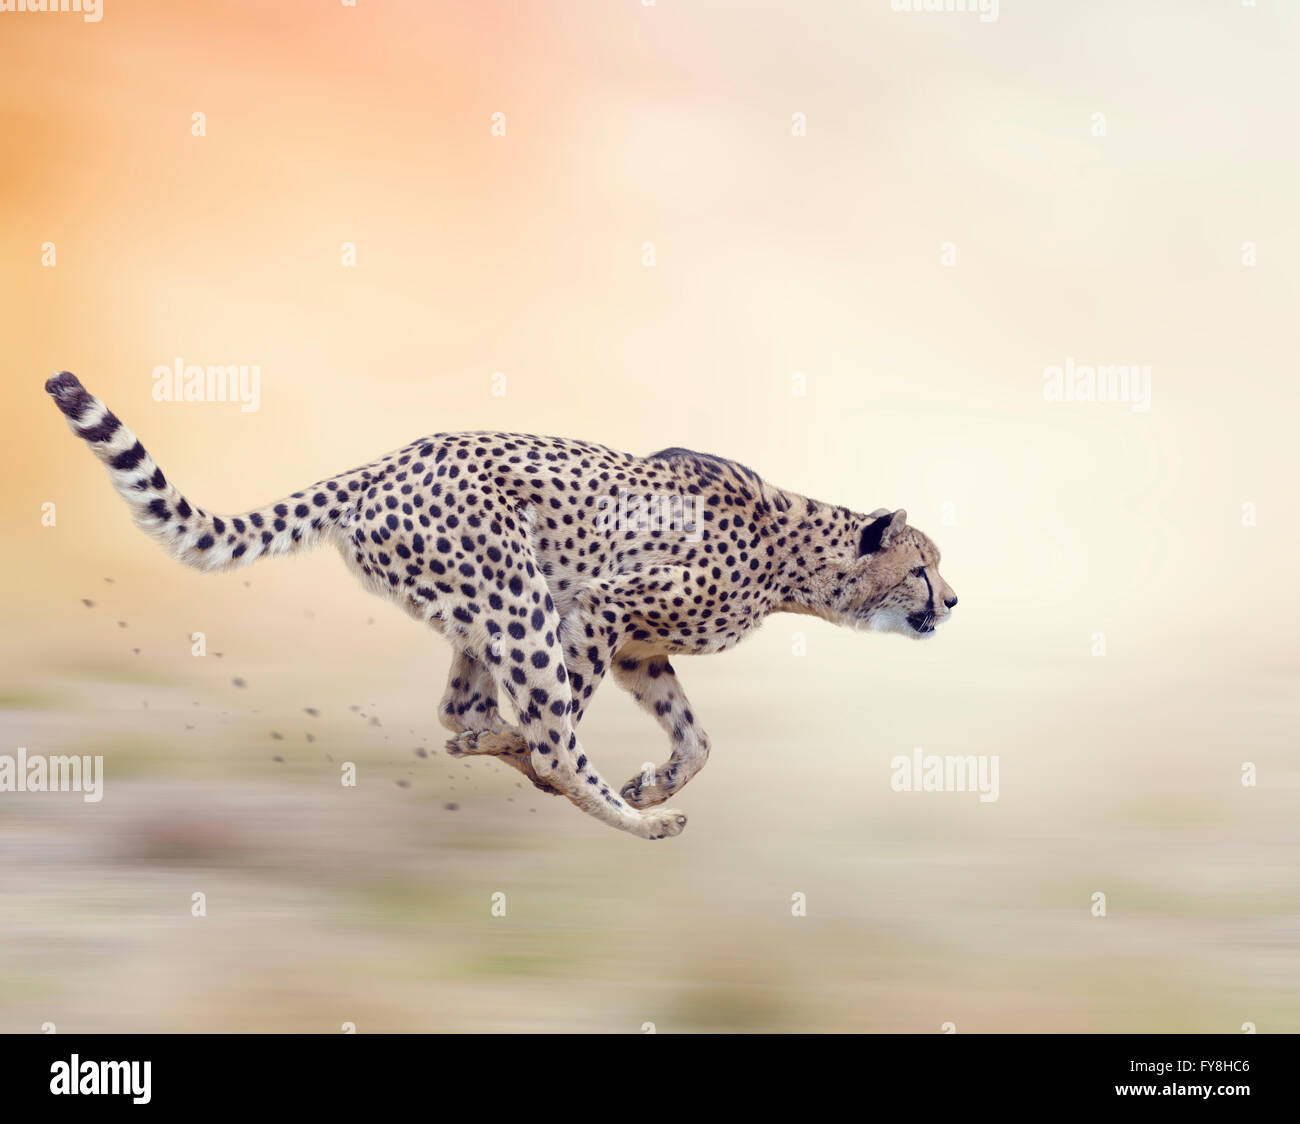 Cheetah in esecuzione sulla messa a fuoco morbida dello sfondo Immagini Stock